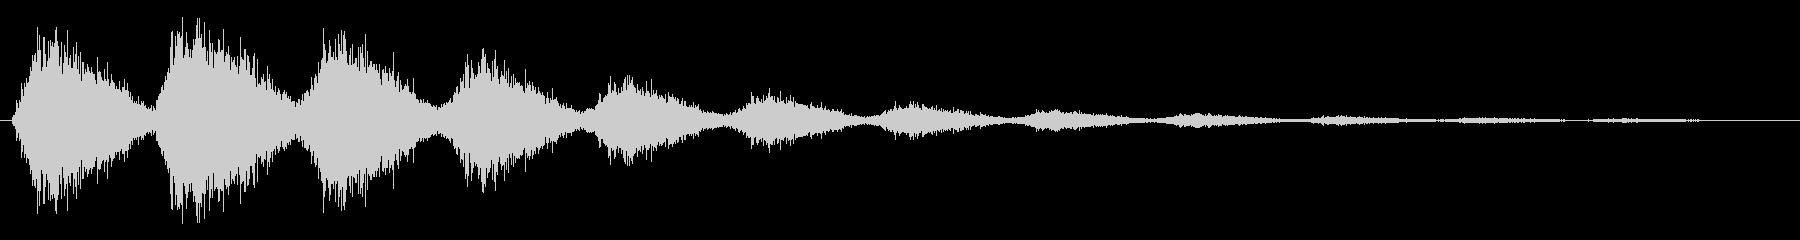 ピシャシャシャ(閃光が走った効果音)の未再生の波形